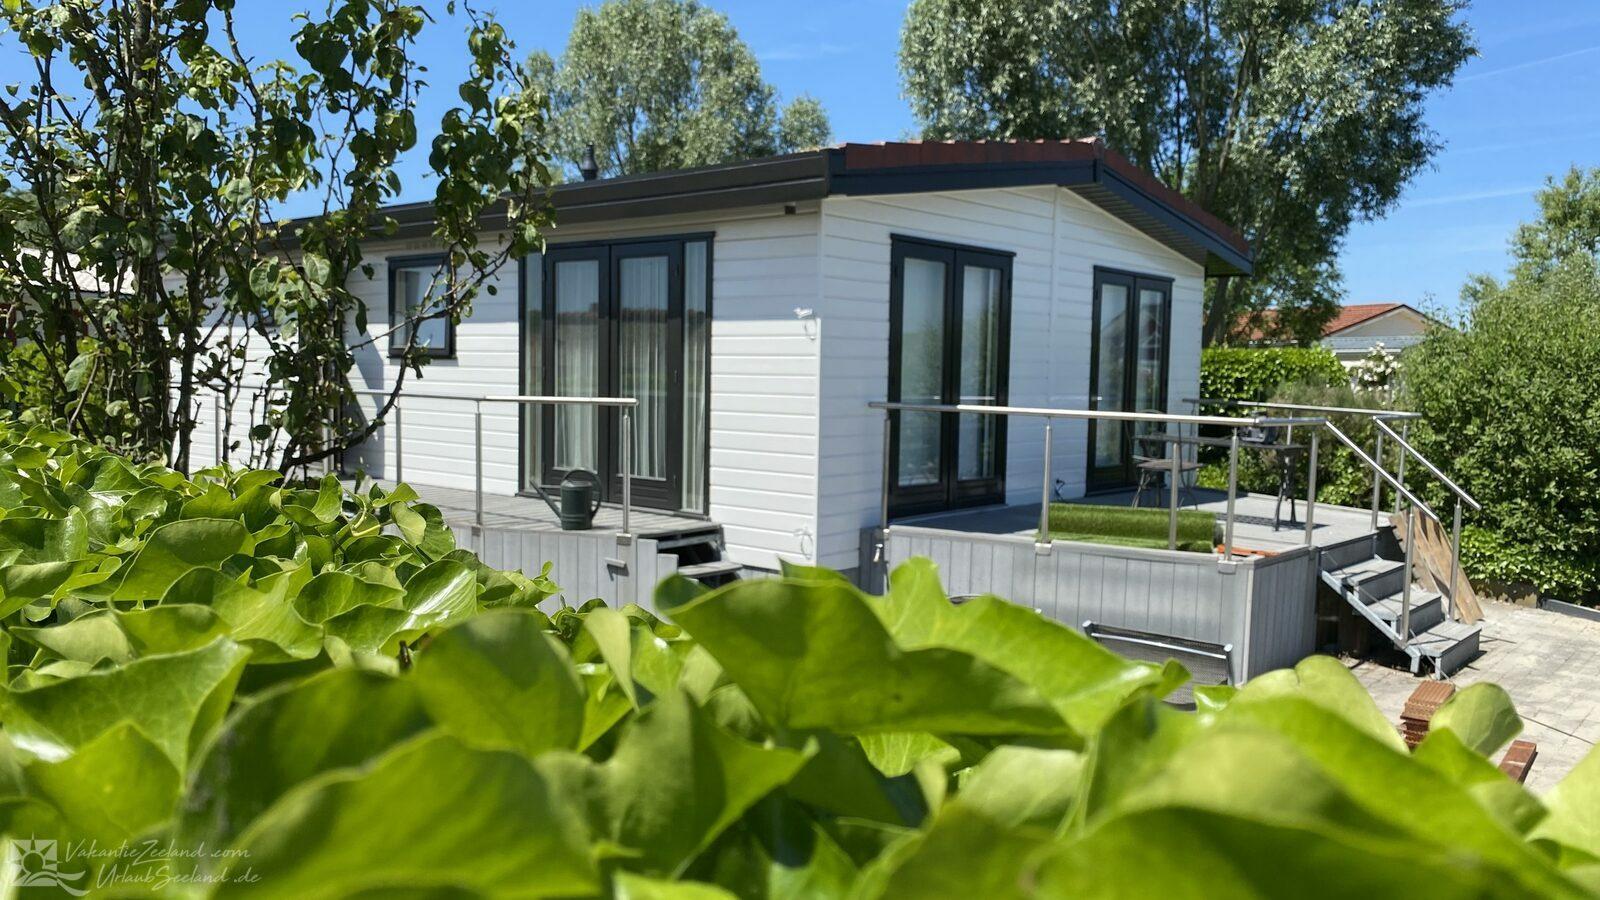 VZ954 Vakantiechalet in Sint-Annaland